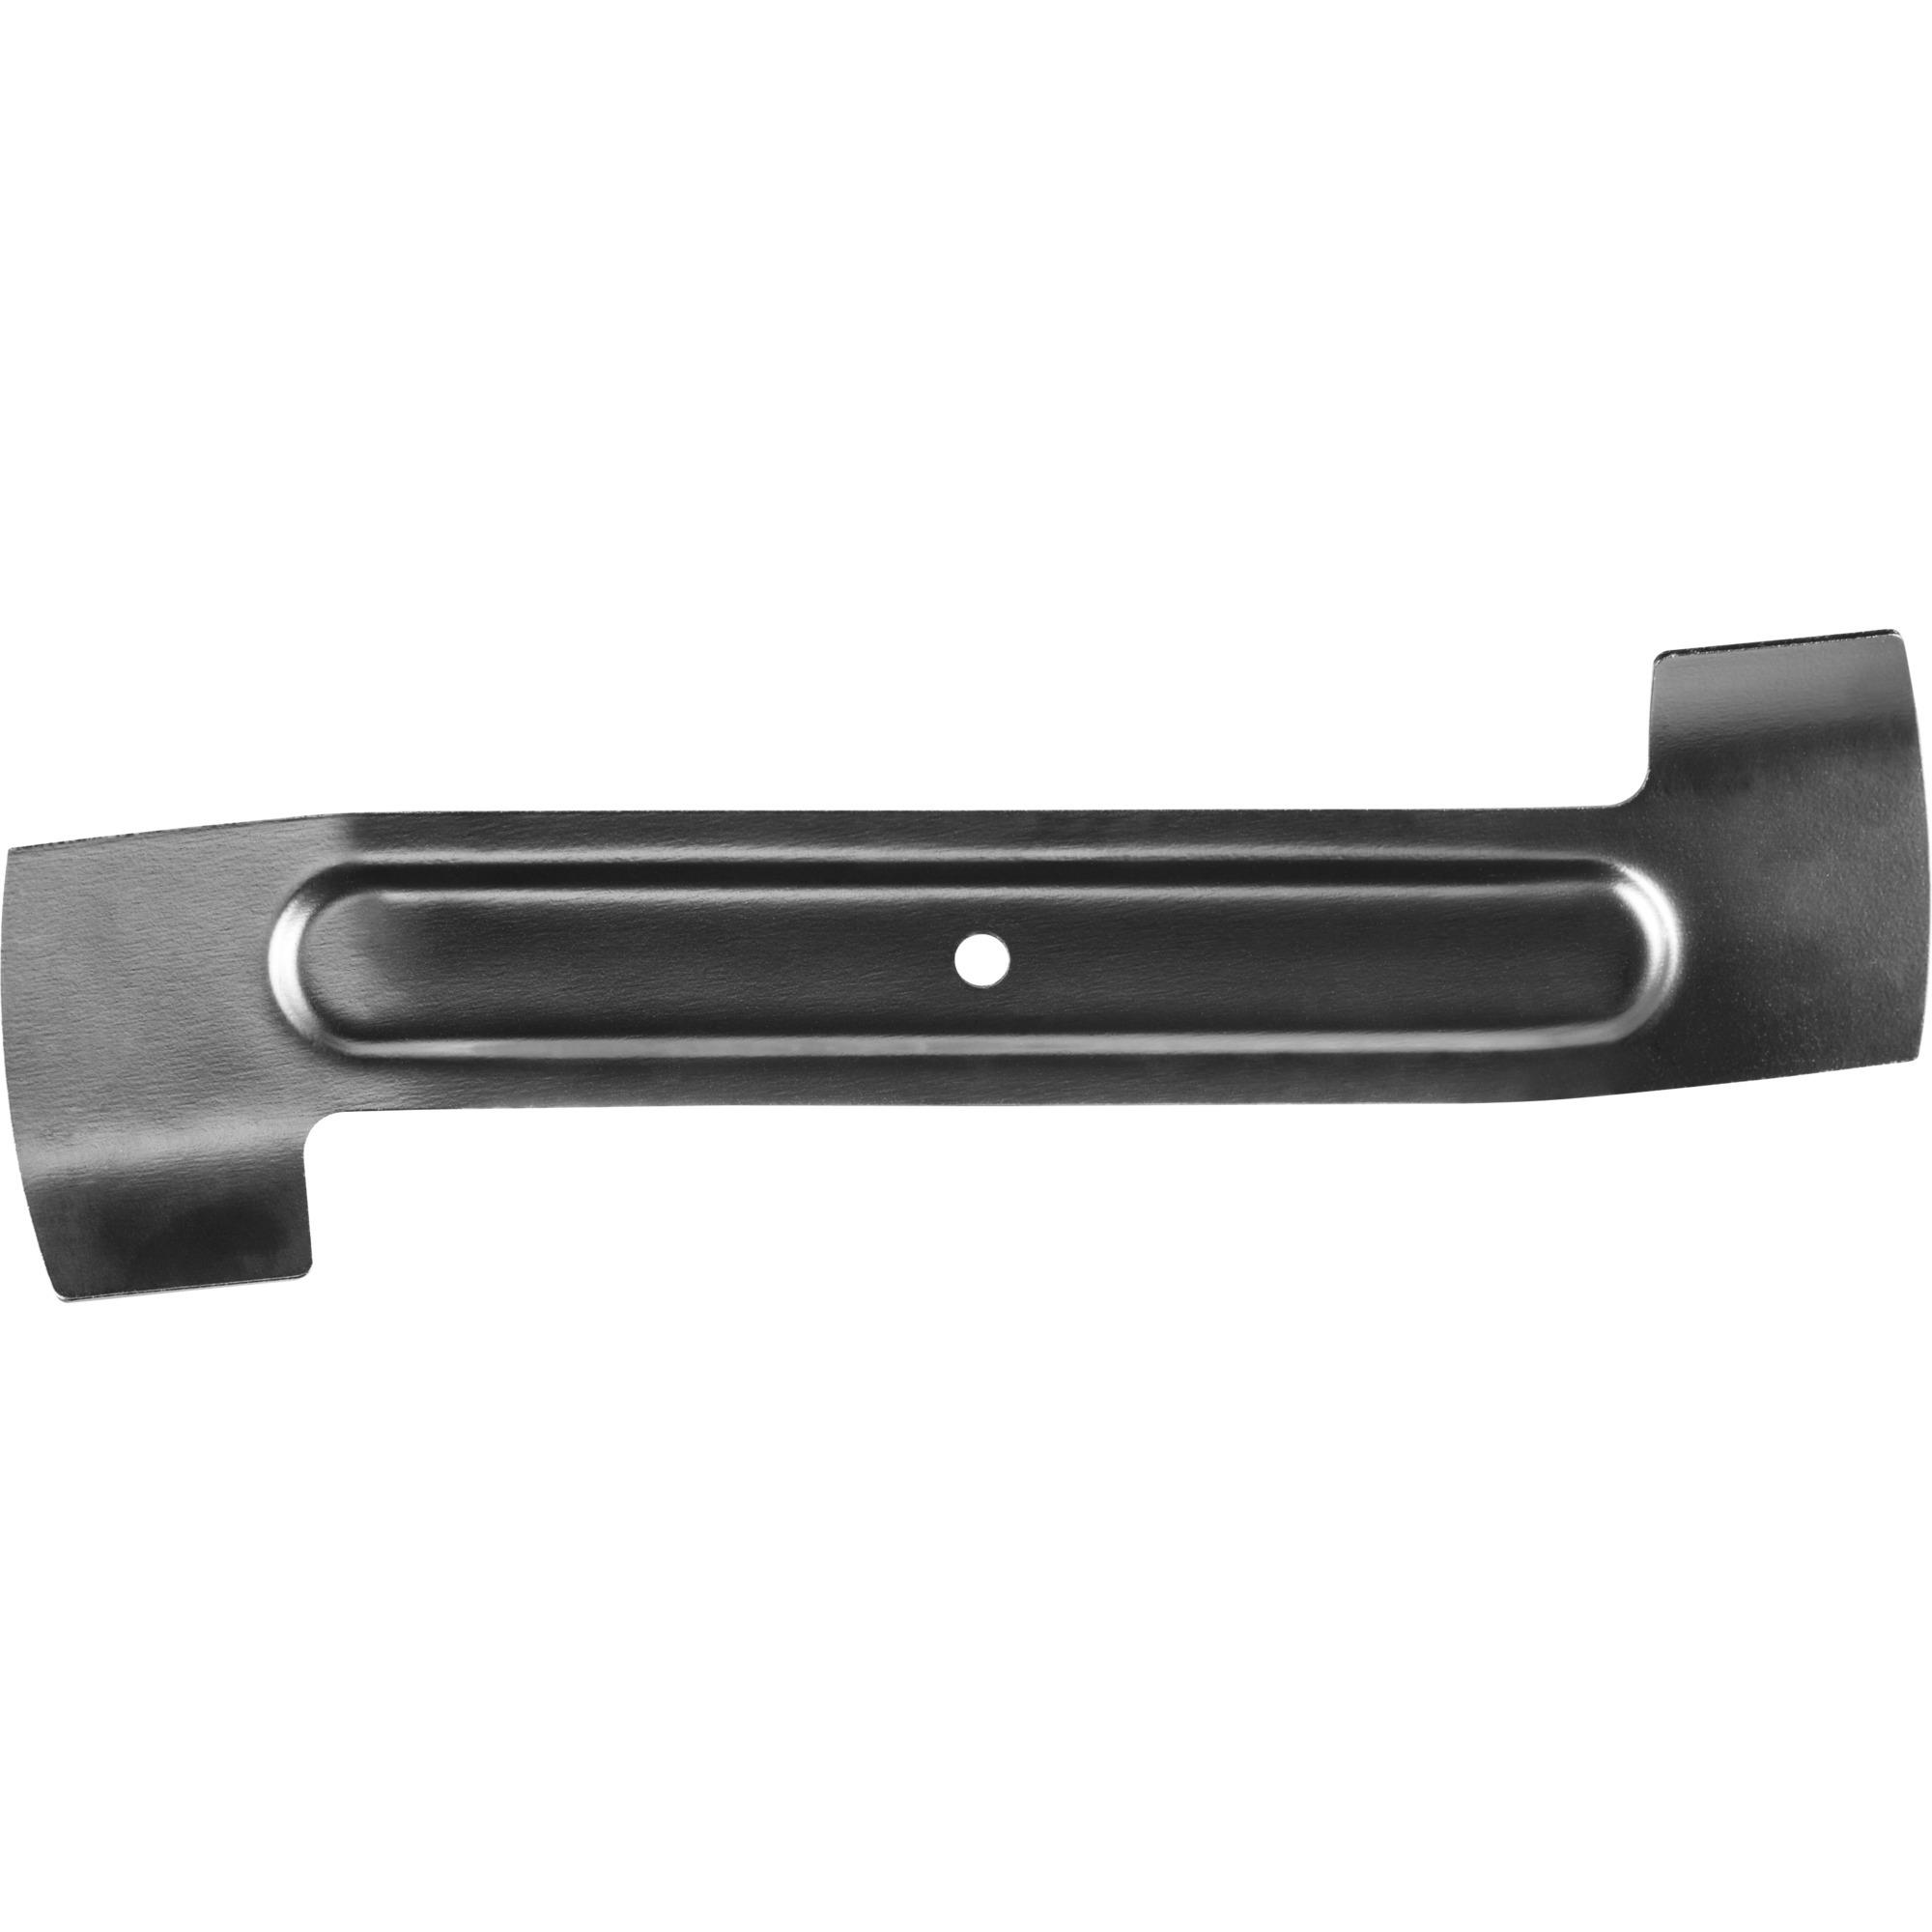 Cuchillas de repuesto para PowerMax 1400/34 (Art. 5034) , Cuchilla de repuesto